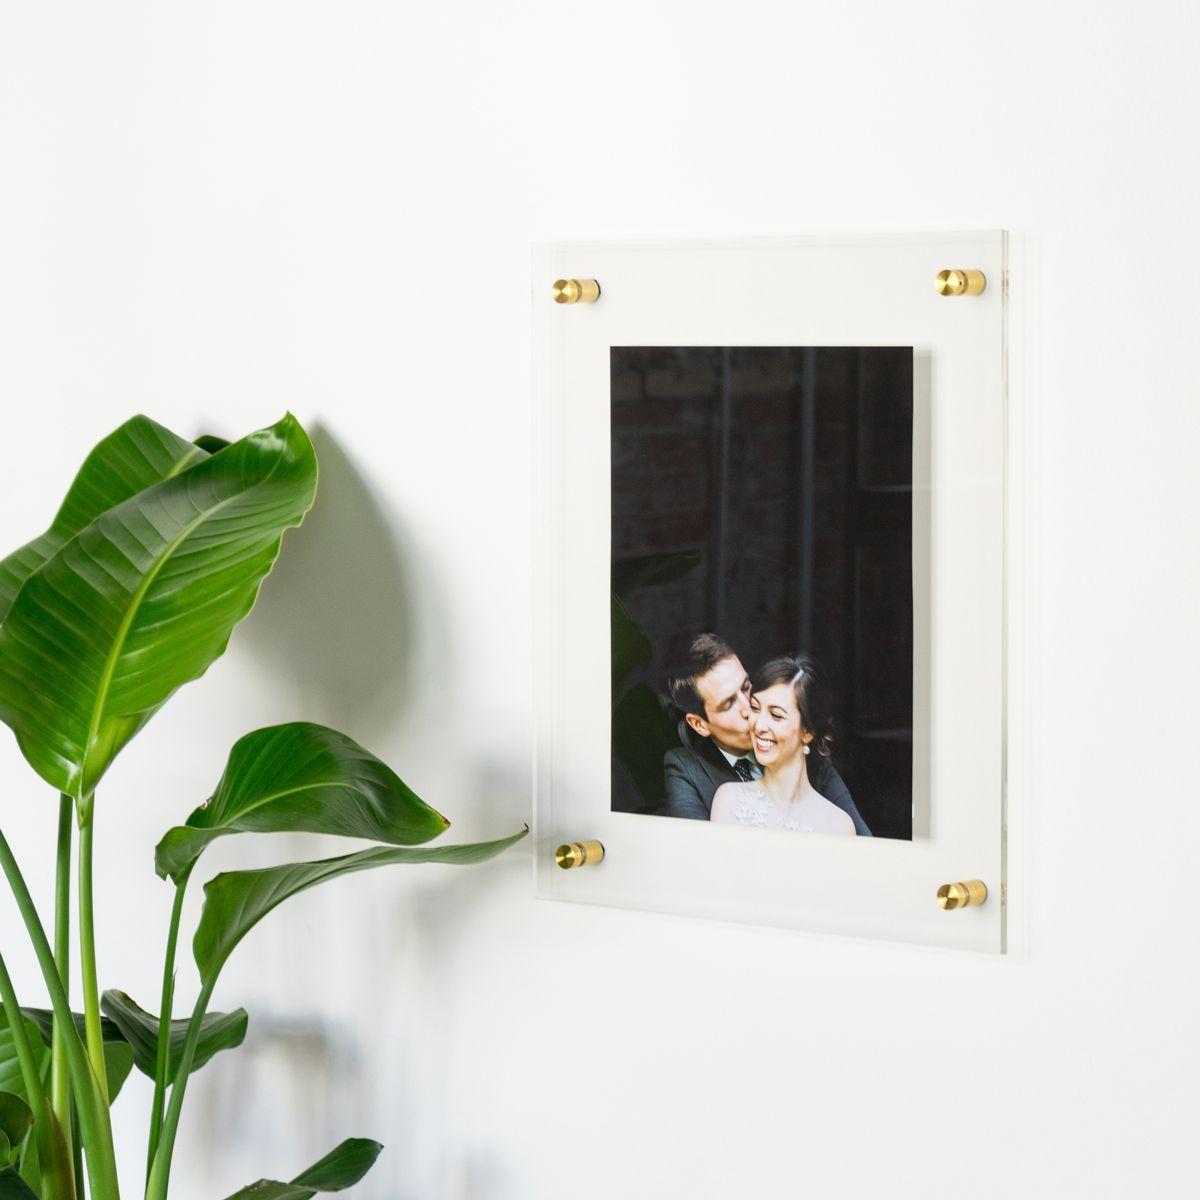 Marco de fotos flotante con adornos dorados